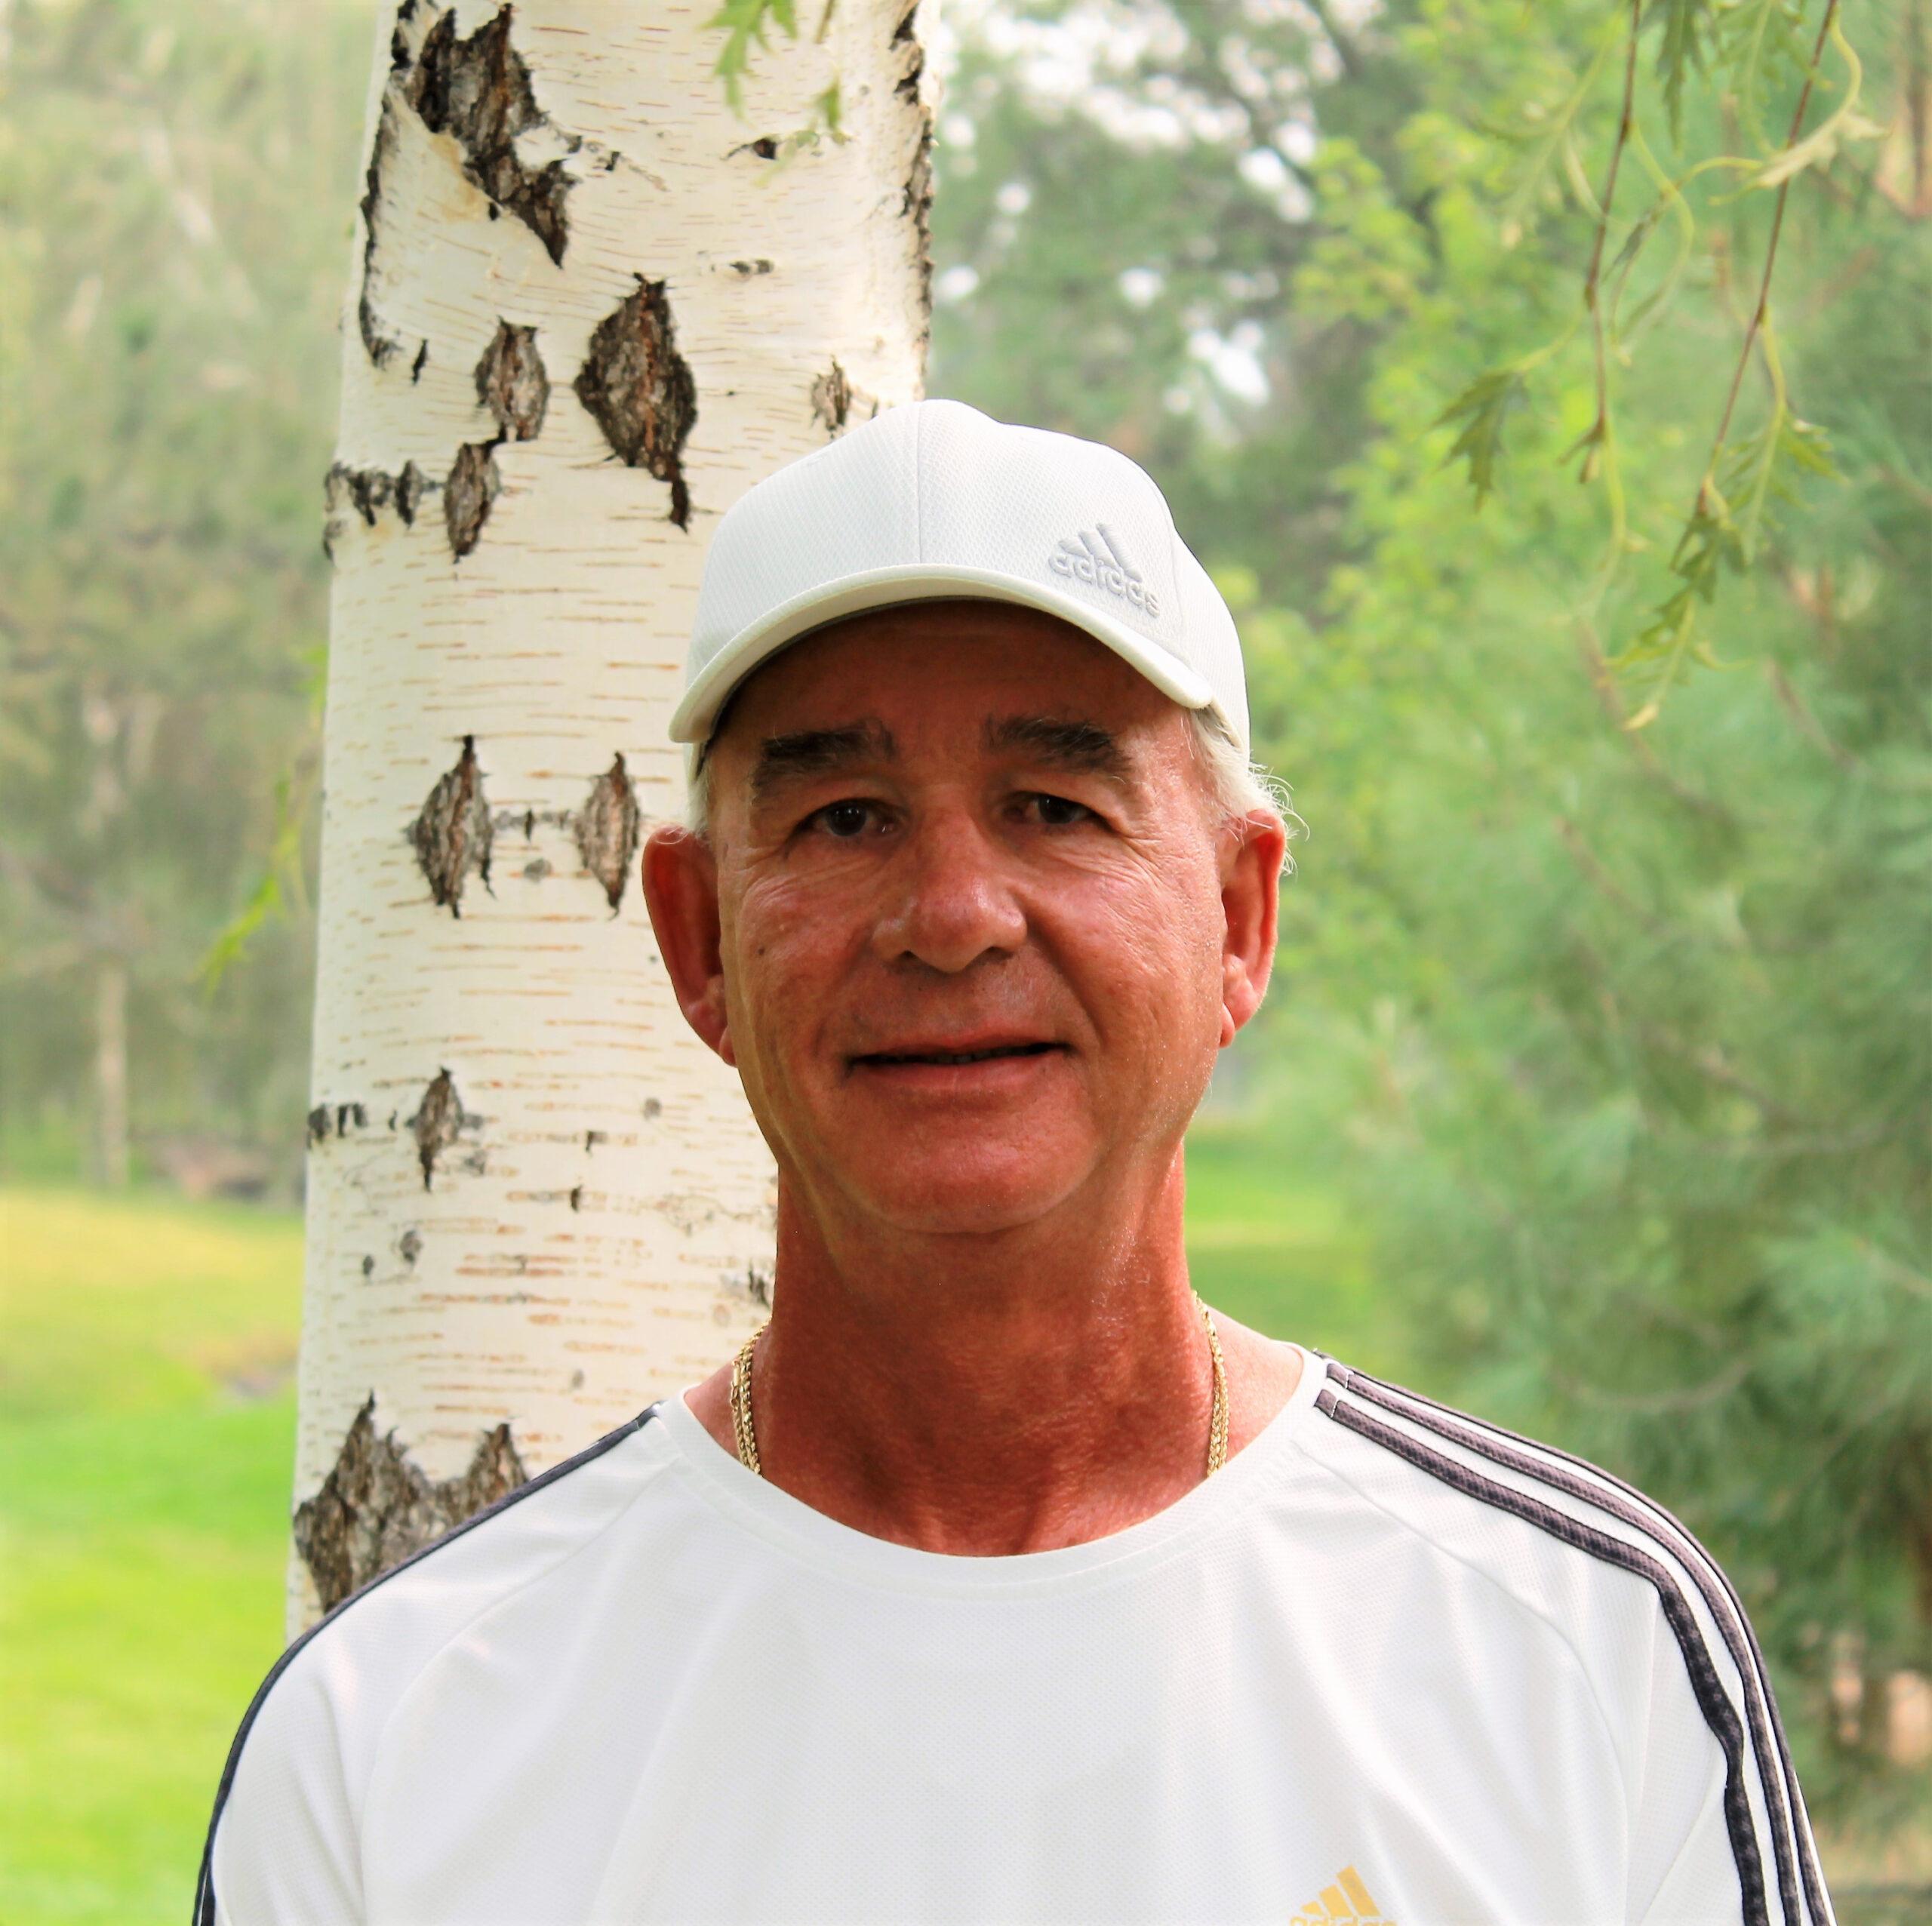 Reno Tennis Center Phil Capozziello Tennis Professional Reno Nevada